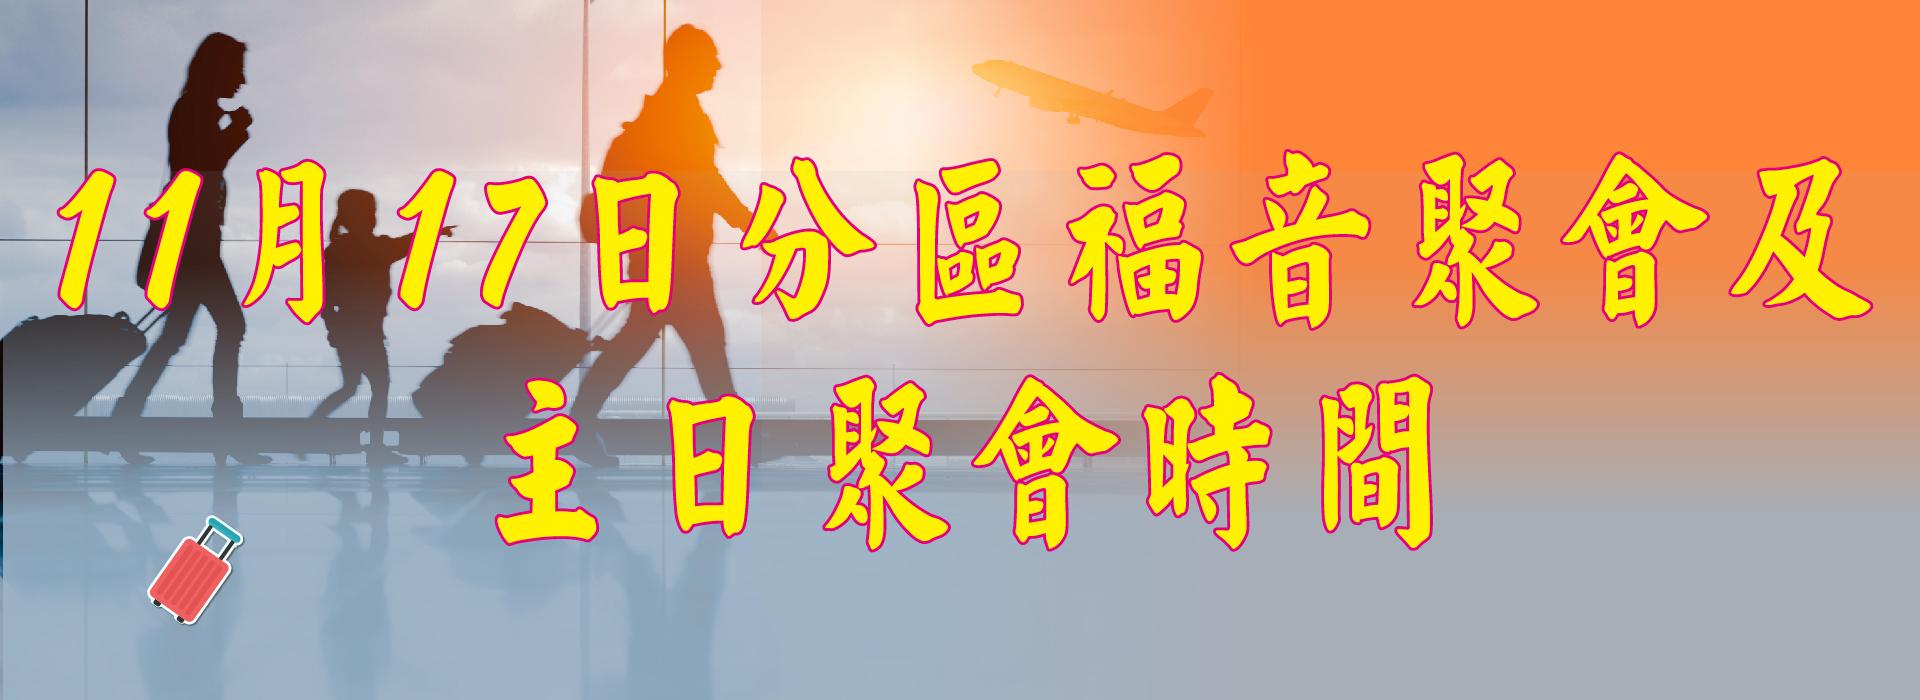 201911福音聚會-01